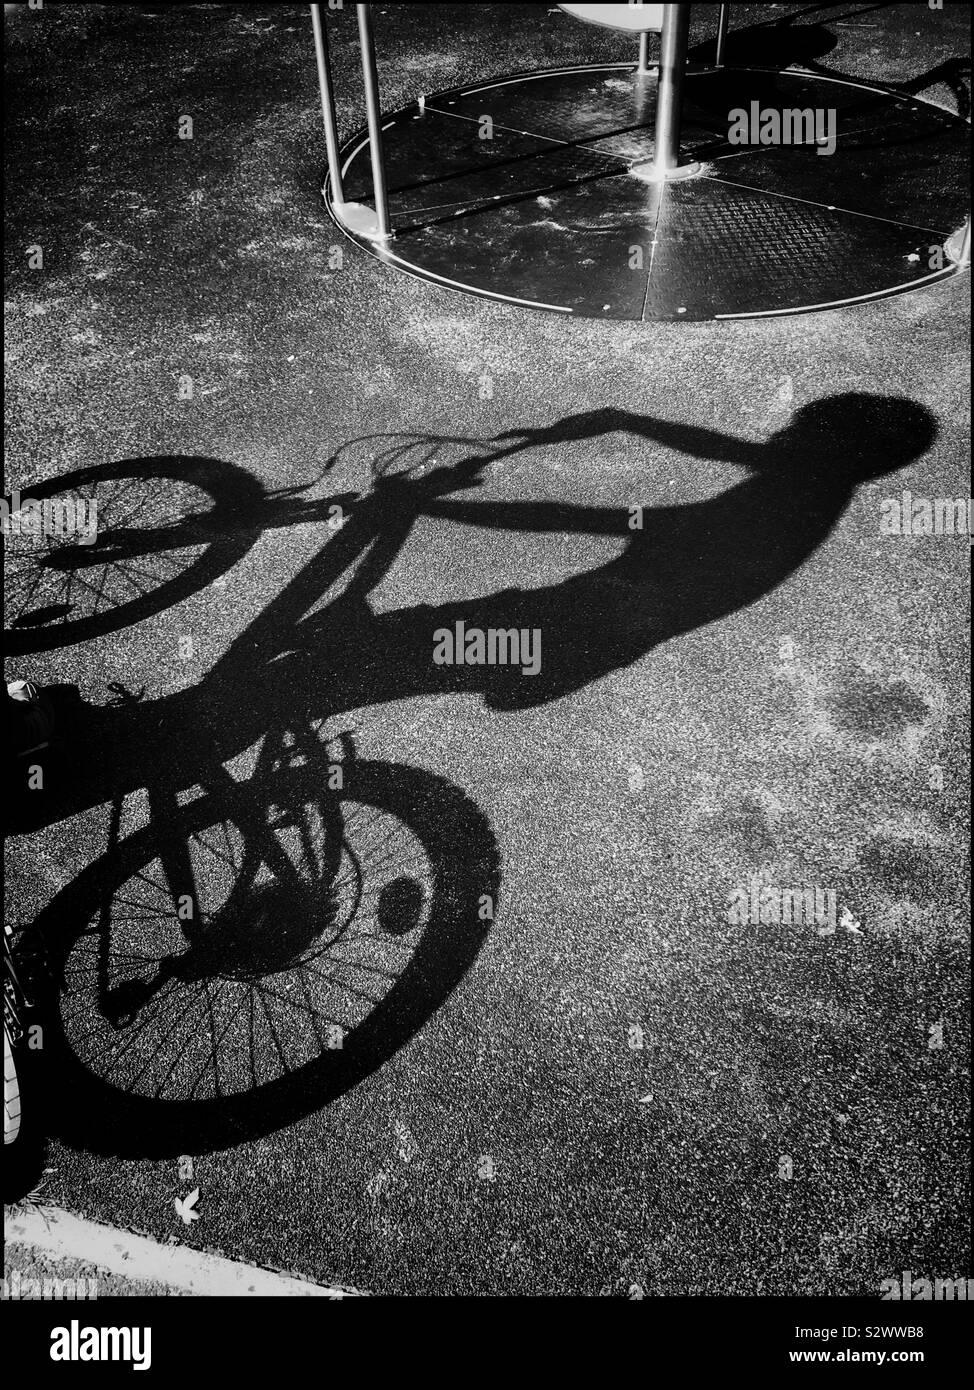 L'ombra di un ragazzo in sella alla sua bicicletta in un parco giochi. Il sole splendente ha creato un interessante ombra sul terreno. Foto © COLIN HOSKINS. Foto Stock